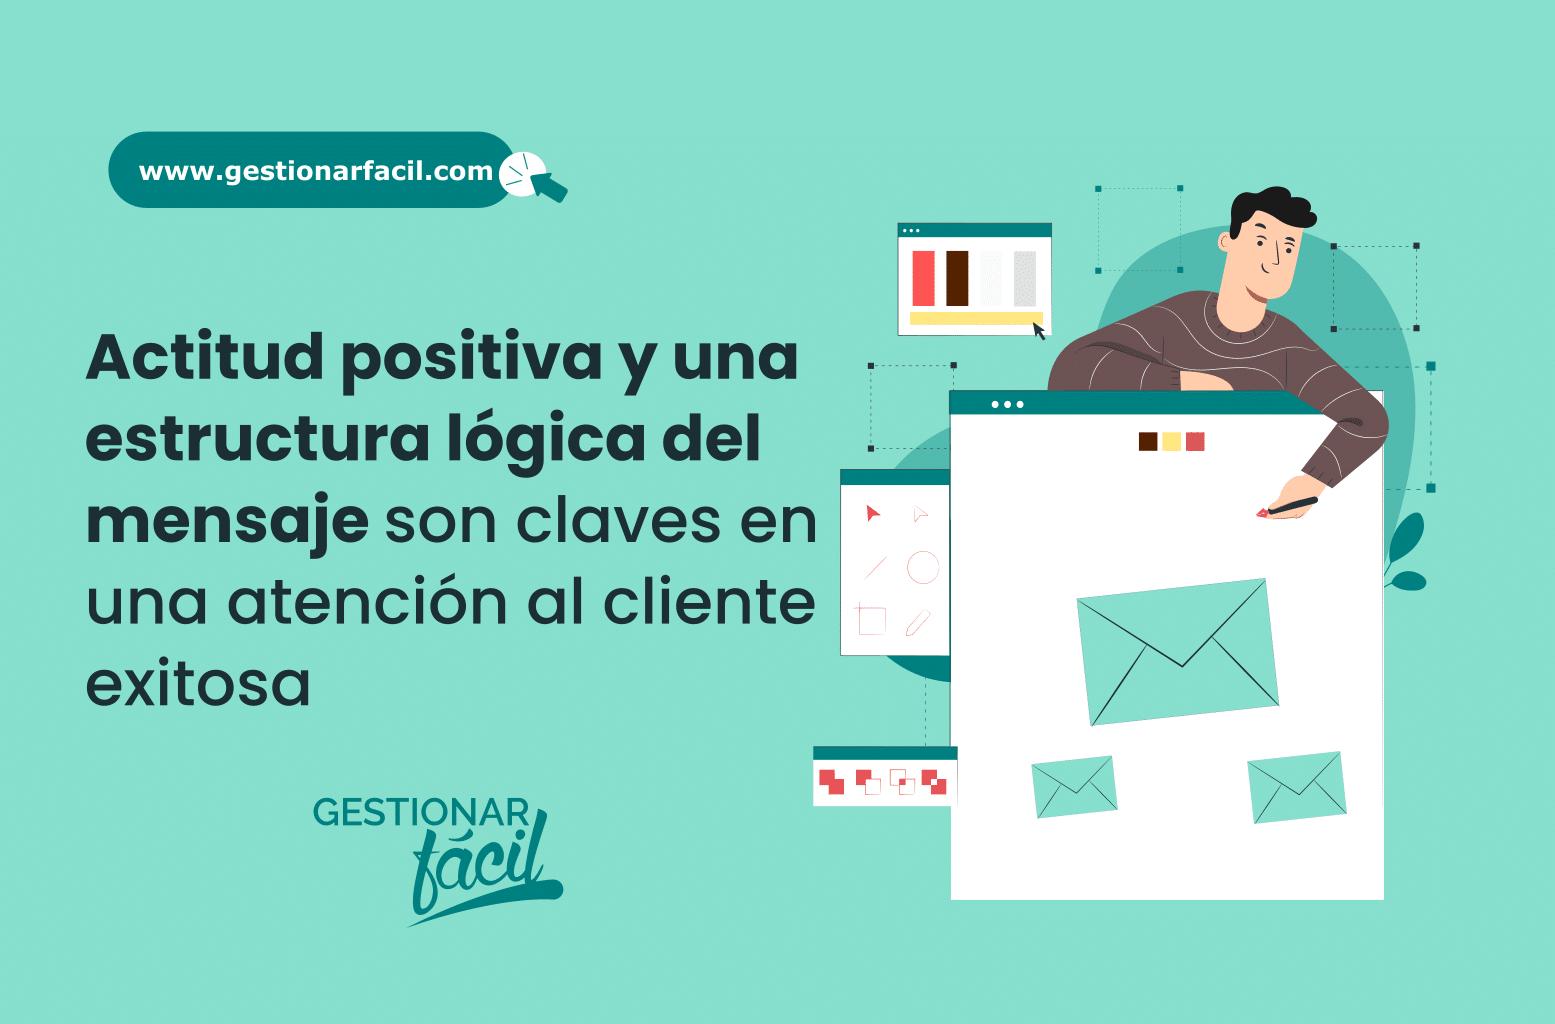 Actitud positiva y una estructura lógica del mensaje, son claves en una atención exitosa al cliente